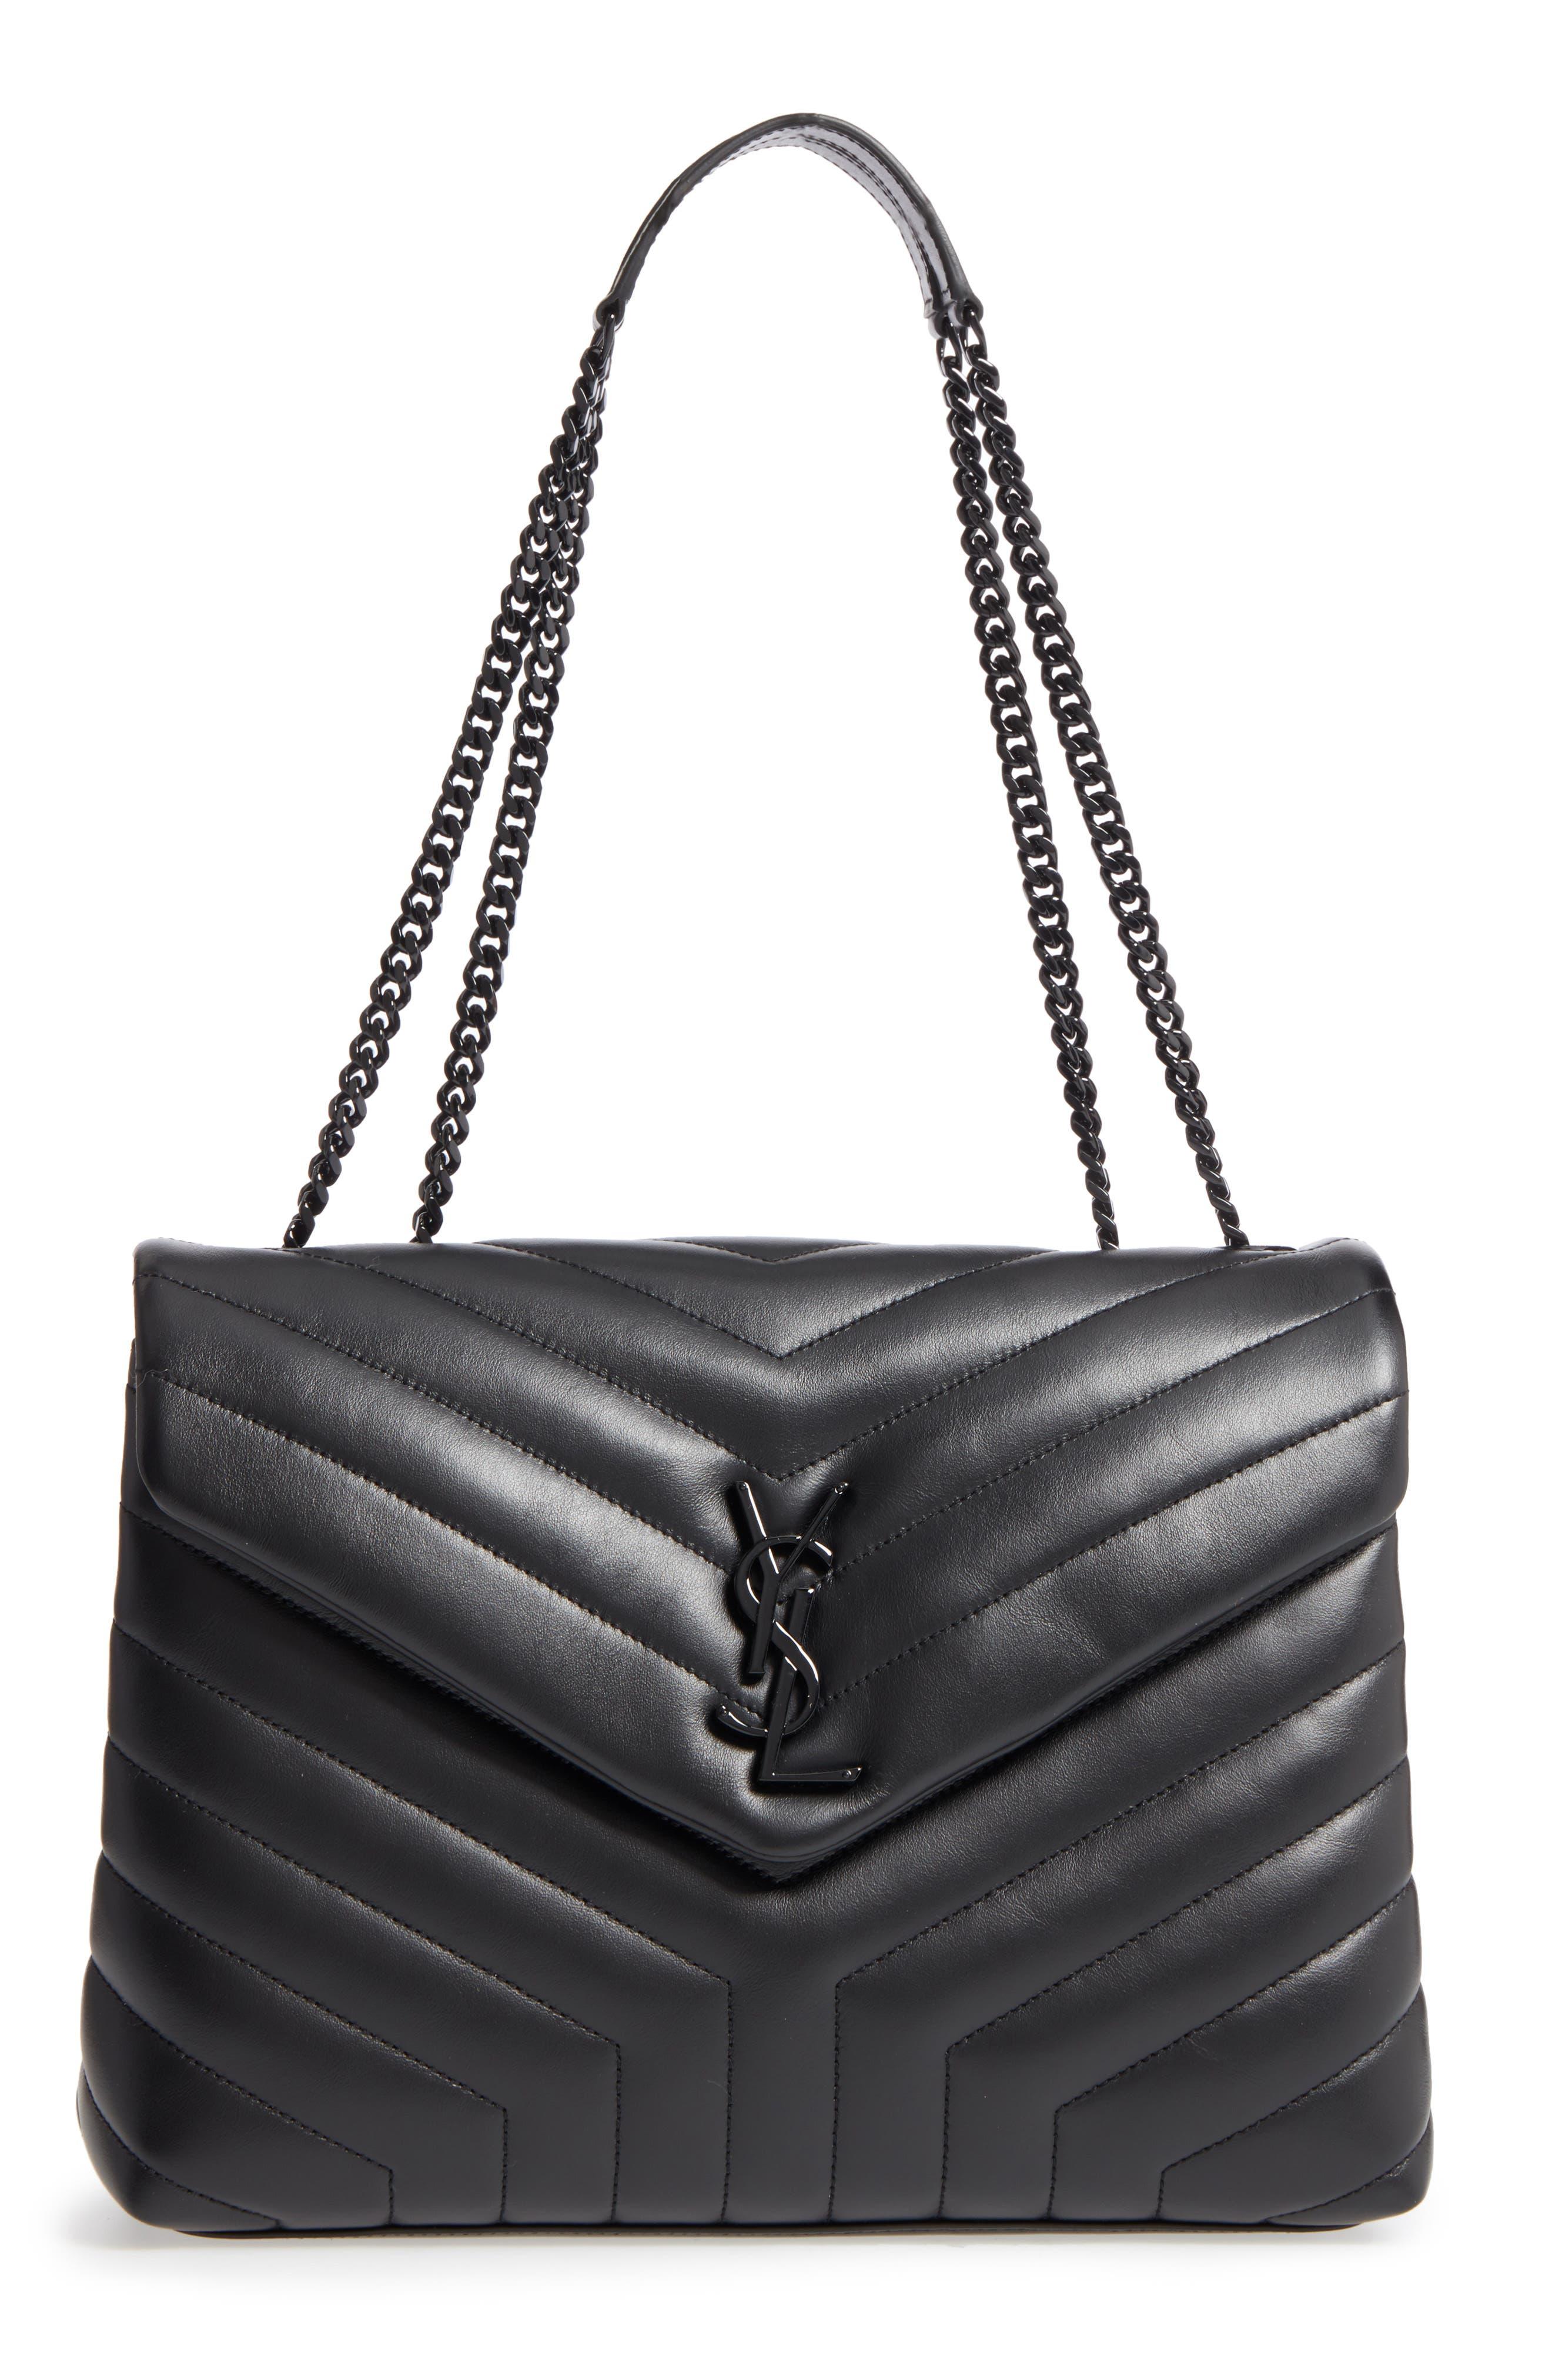 Medium Loulou Matelassé Leather Shoulder Bag,                         Main,                         color, Noir